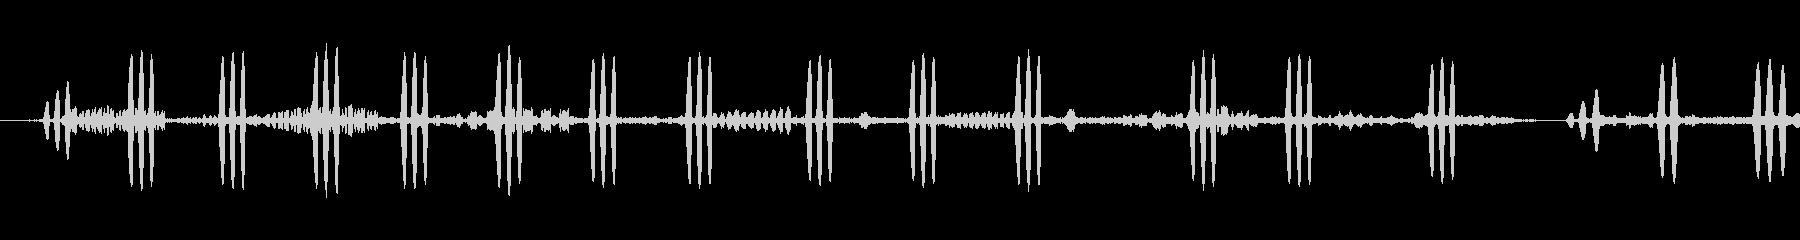 ヤツガシラの未再生の波形